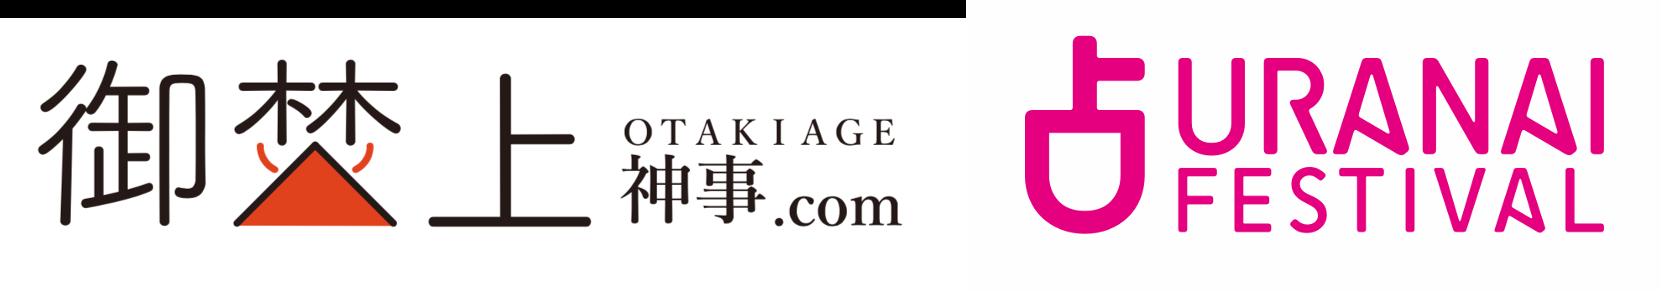 お焚き上げ神事.com×占いフェス